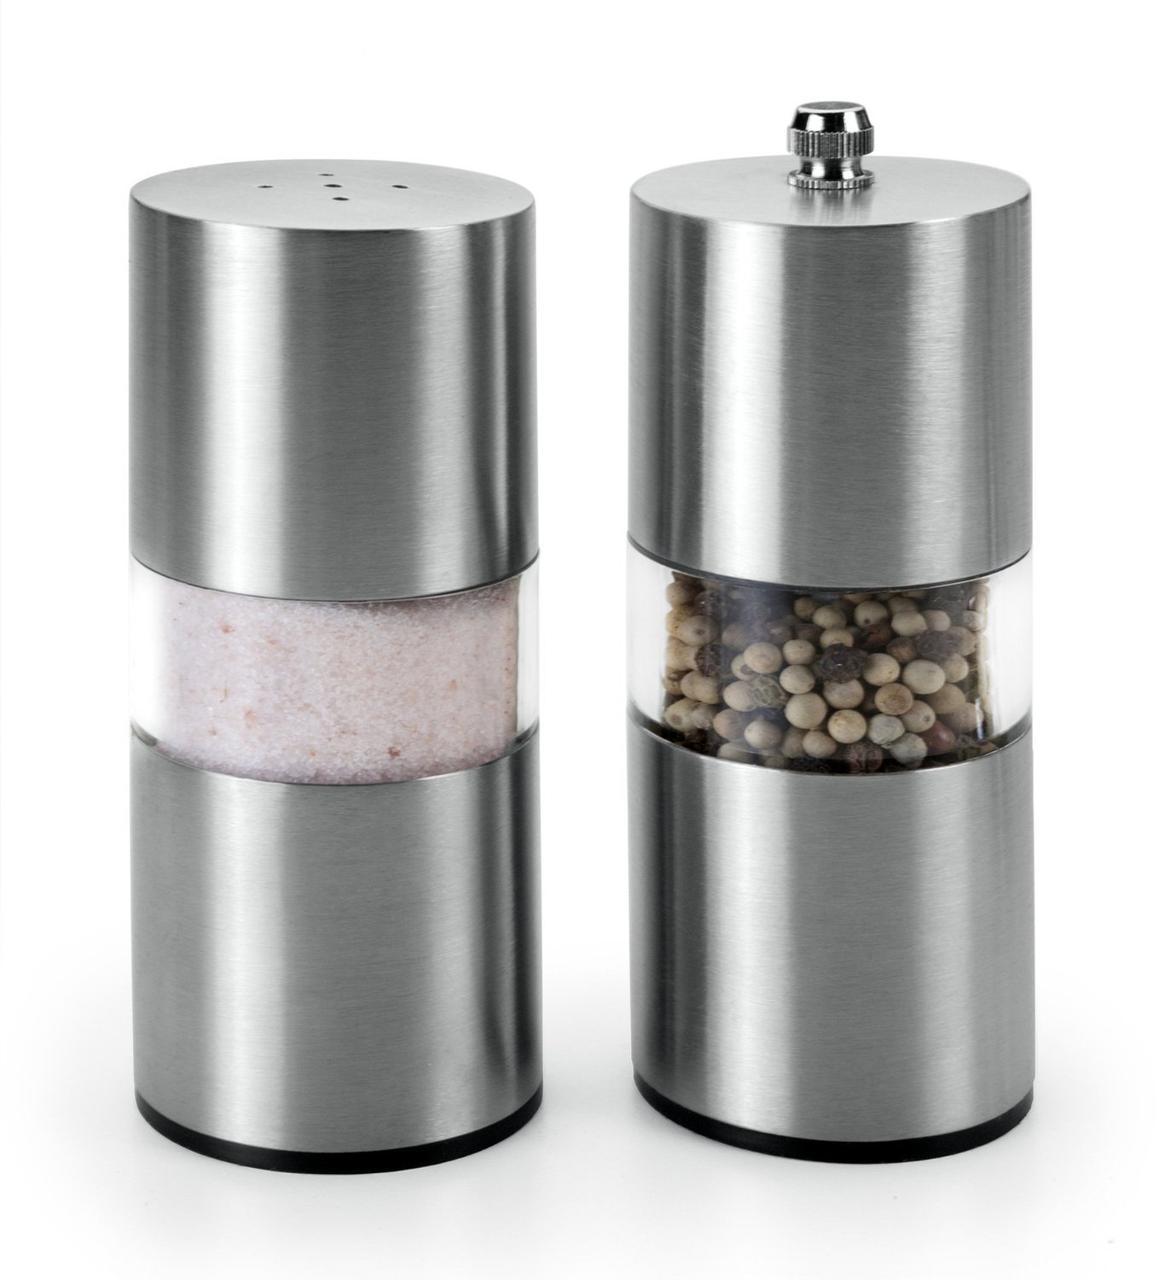 Набор METALTEX для соли и перца (252830)